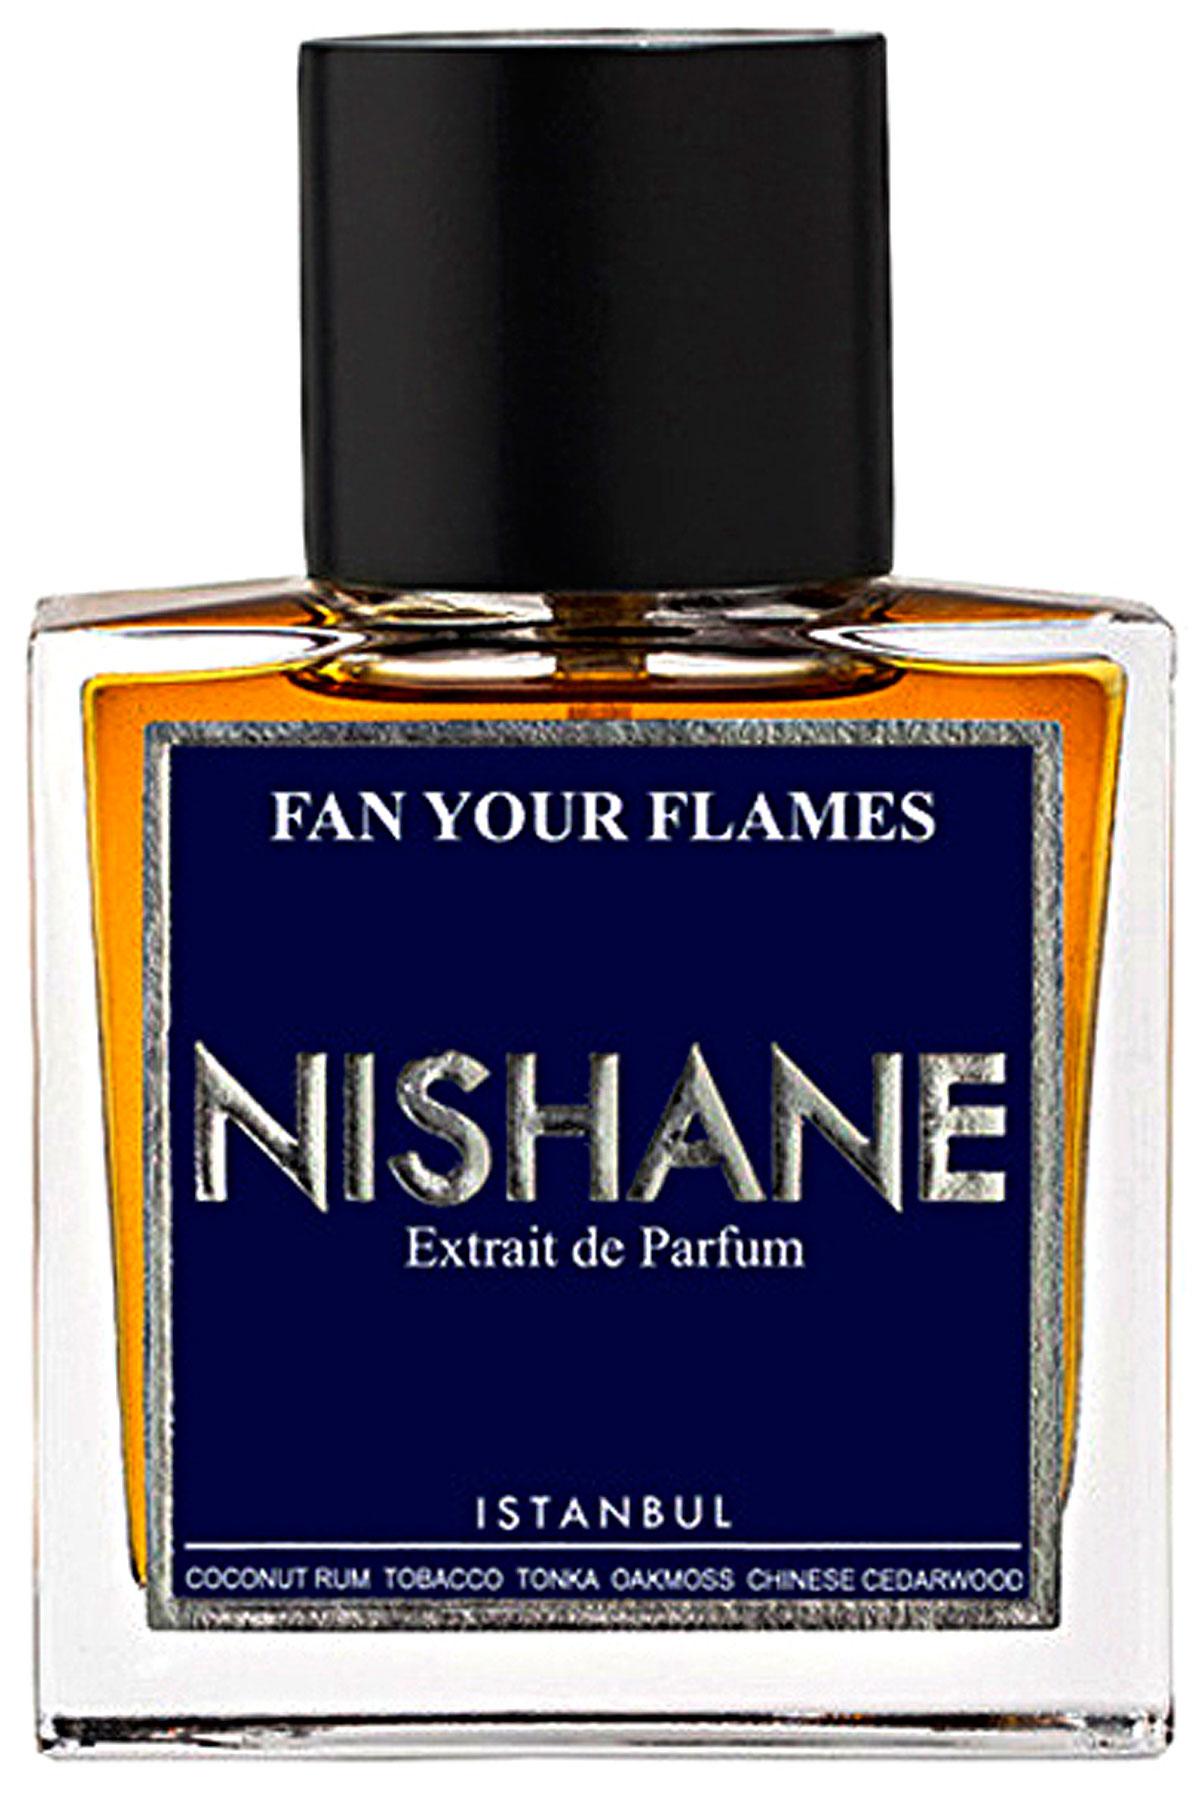 Nishane Fragrances for Women, Fan Your Flames - Extrait De Parfum - 50 Ml, 2019, 50 ml